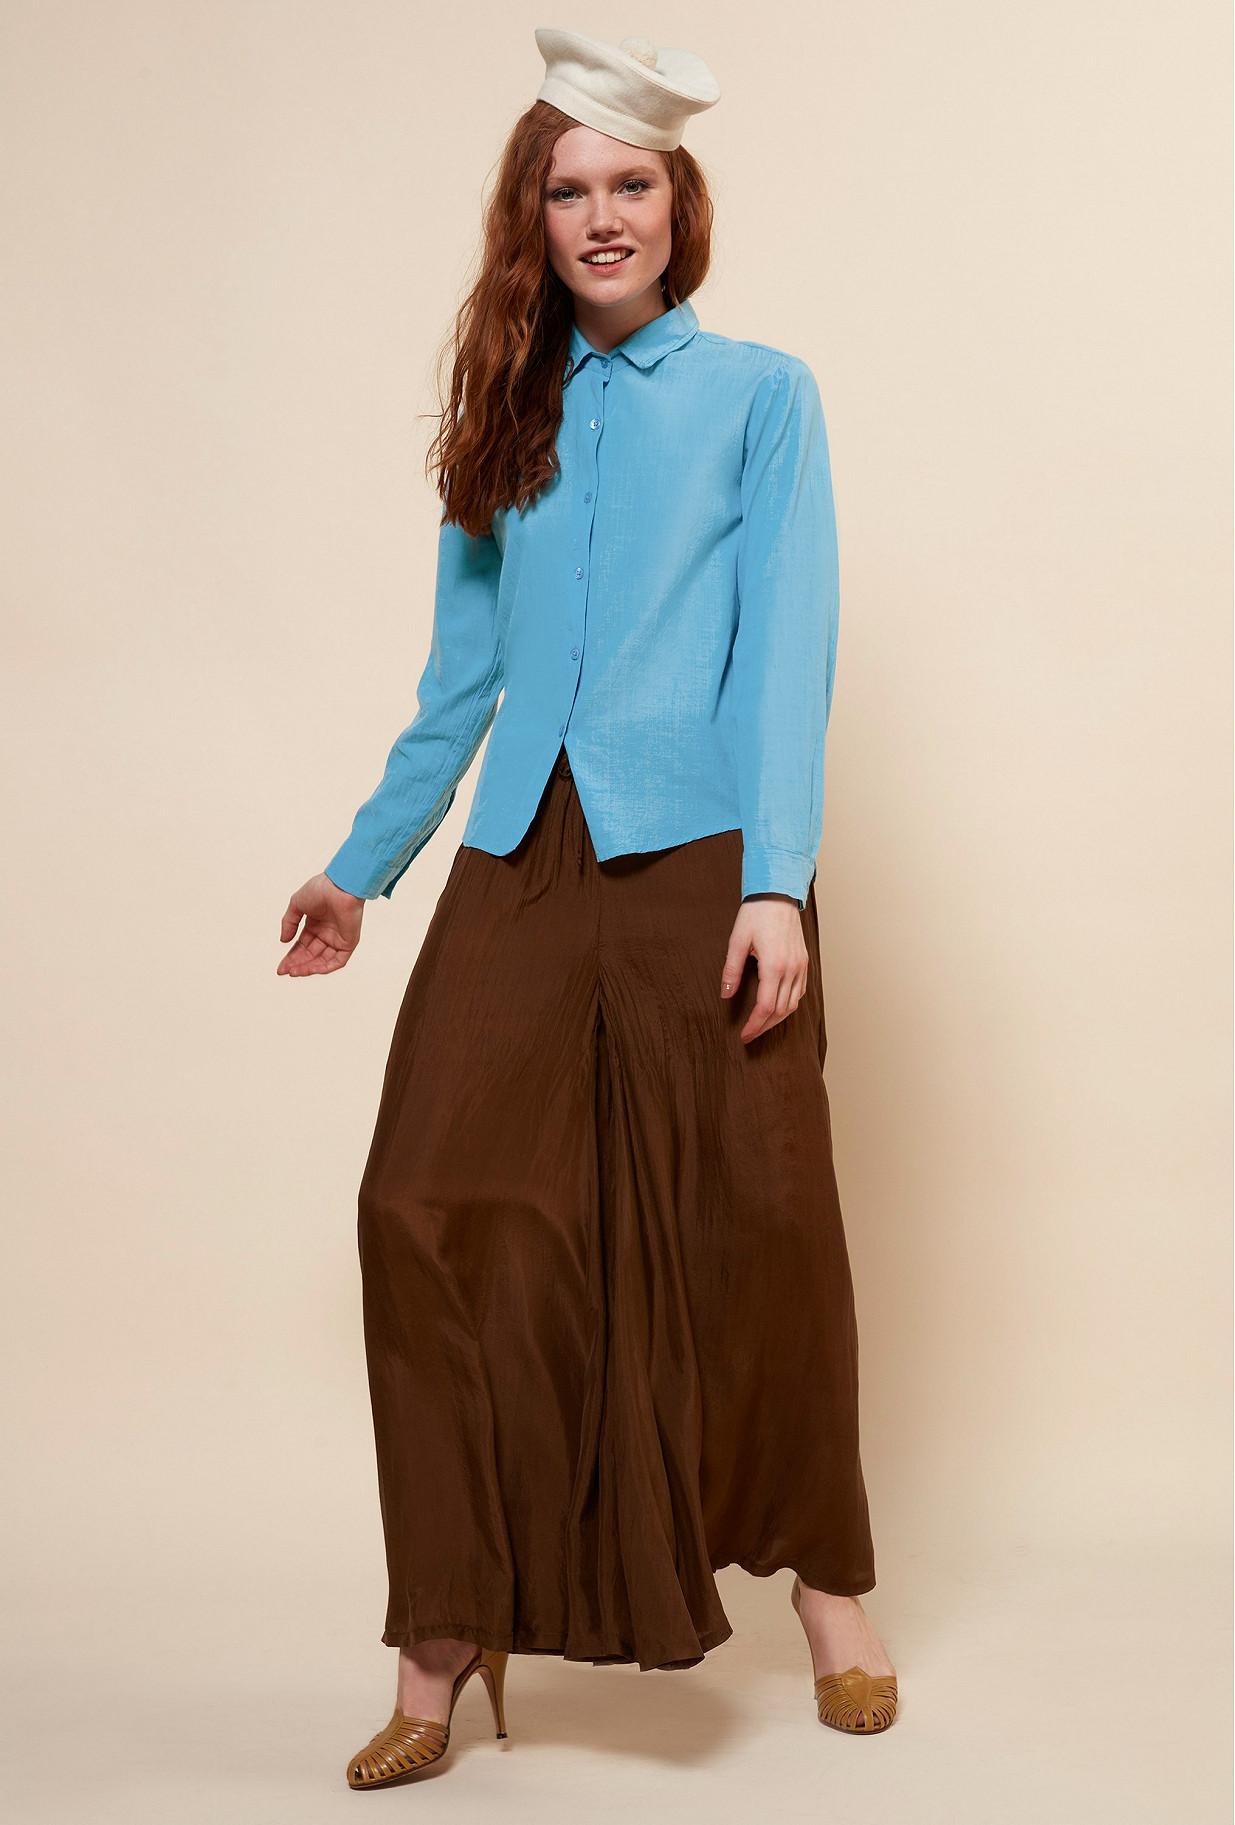 Paris clothes store SHIRT  Maldives french designer fashion Paris